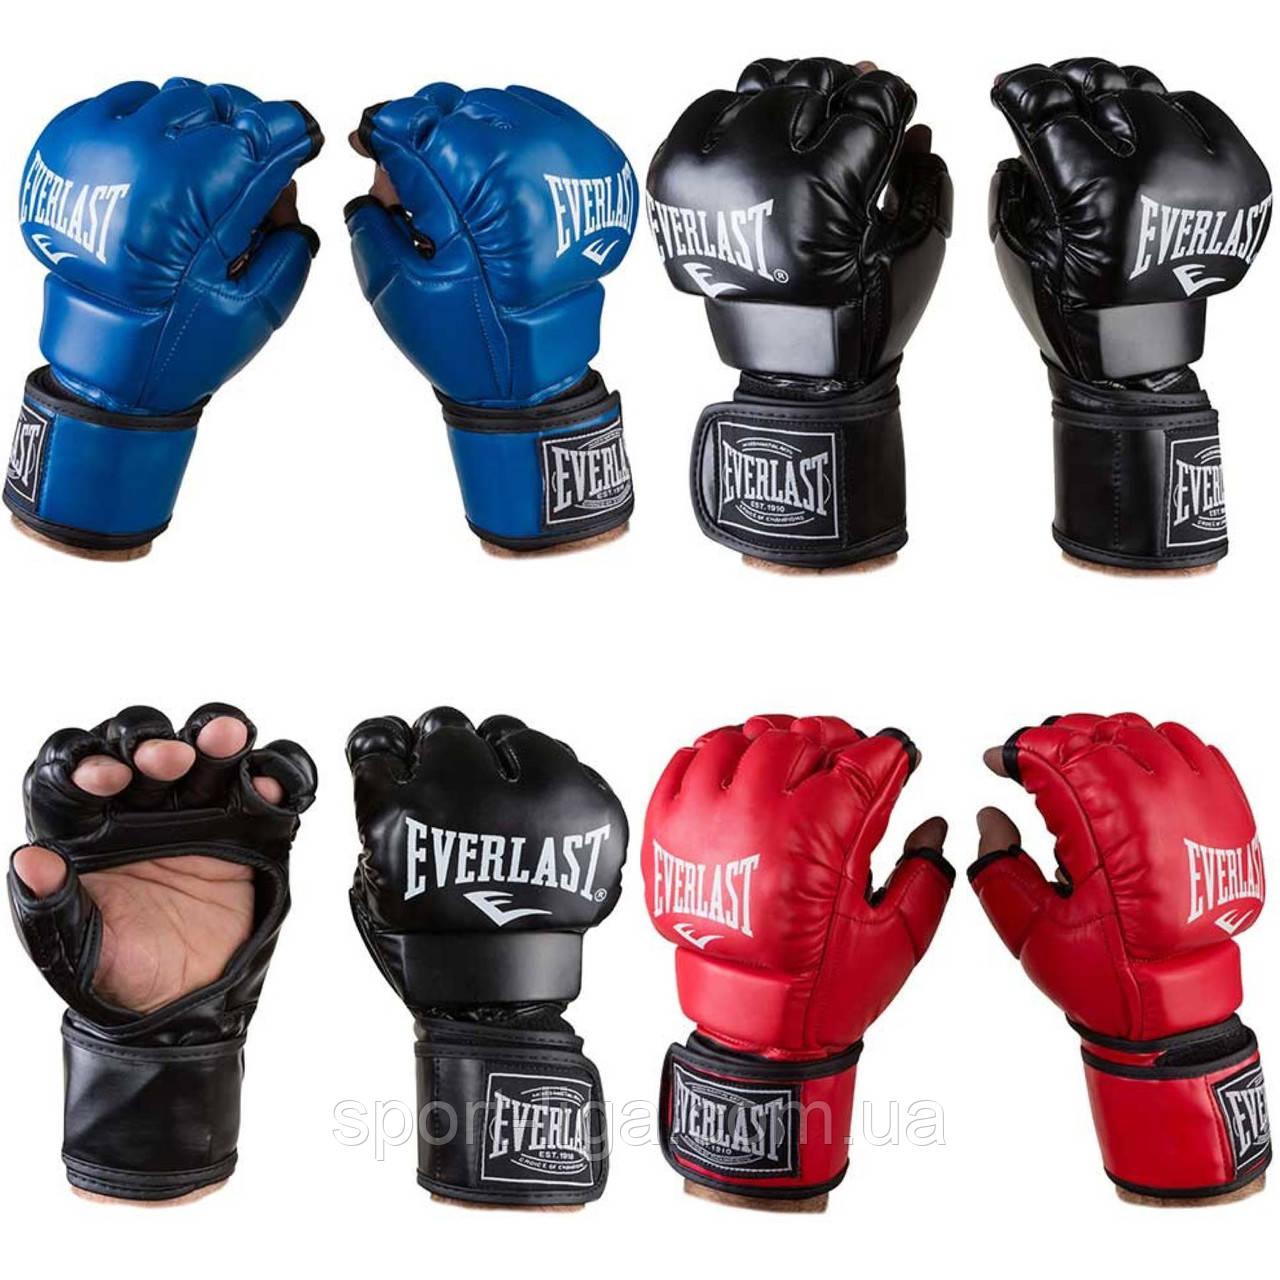 Перчатки Evelast MMA